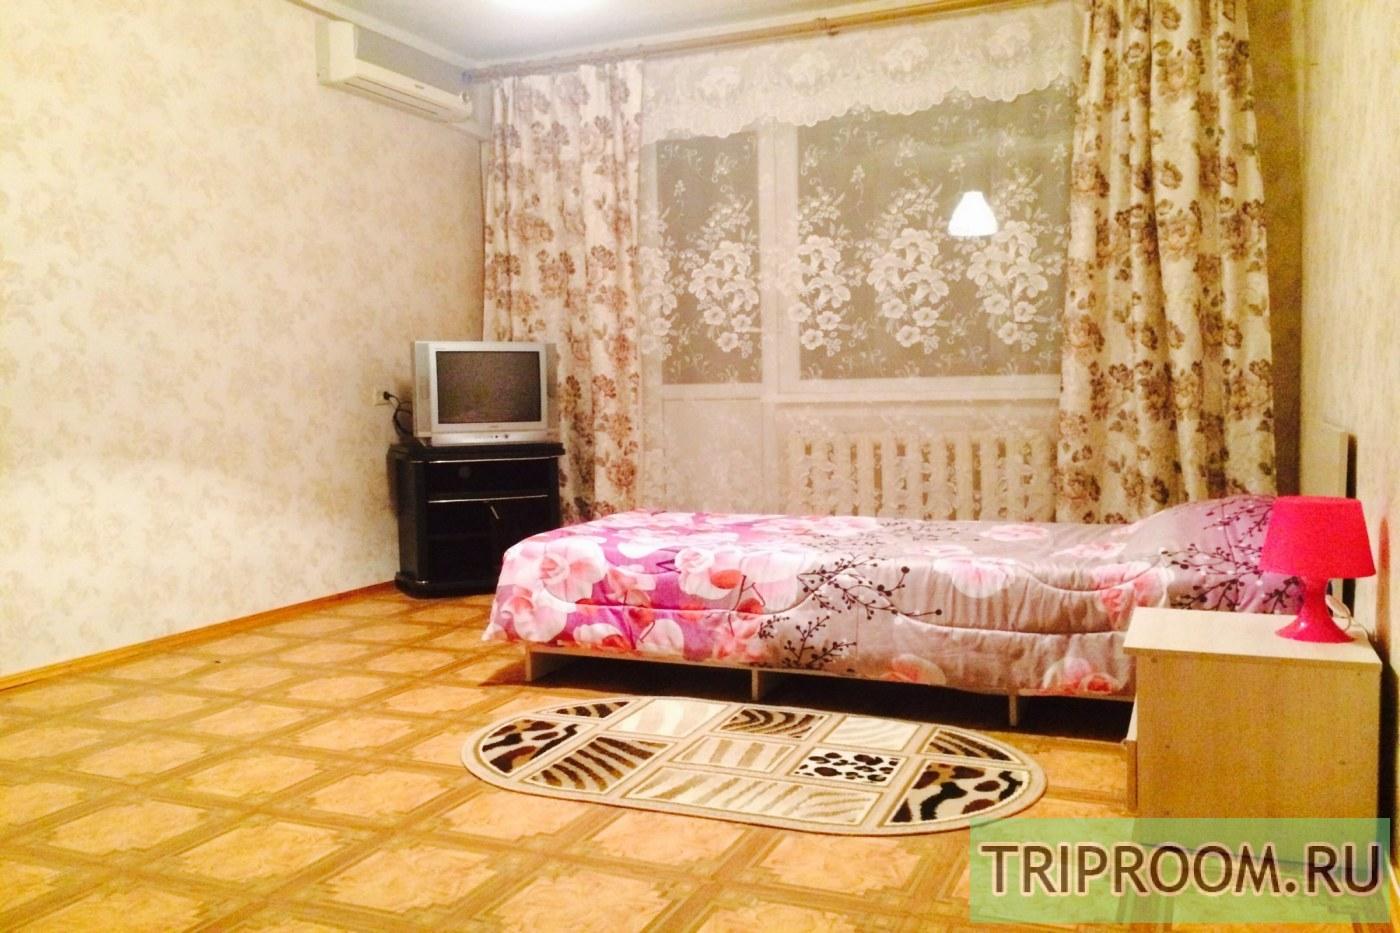 2-комнатная квартира посуточно (вариант № 39428), ул. Таганрогская, фото № 10